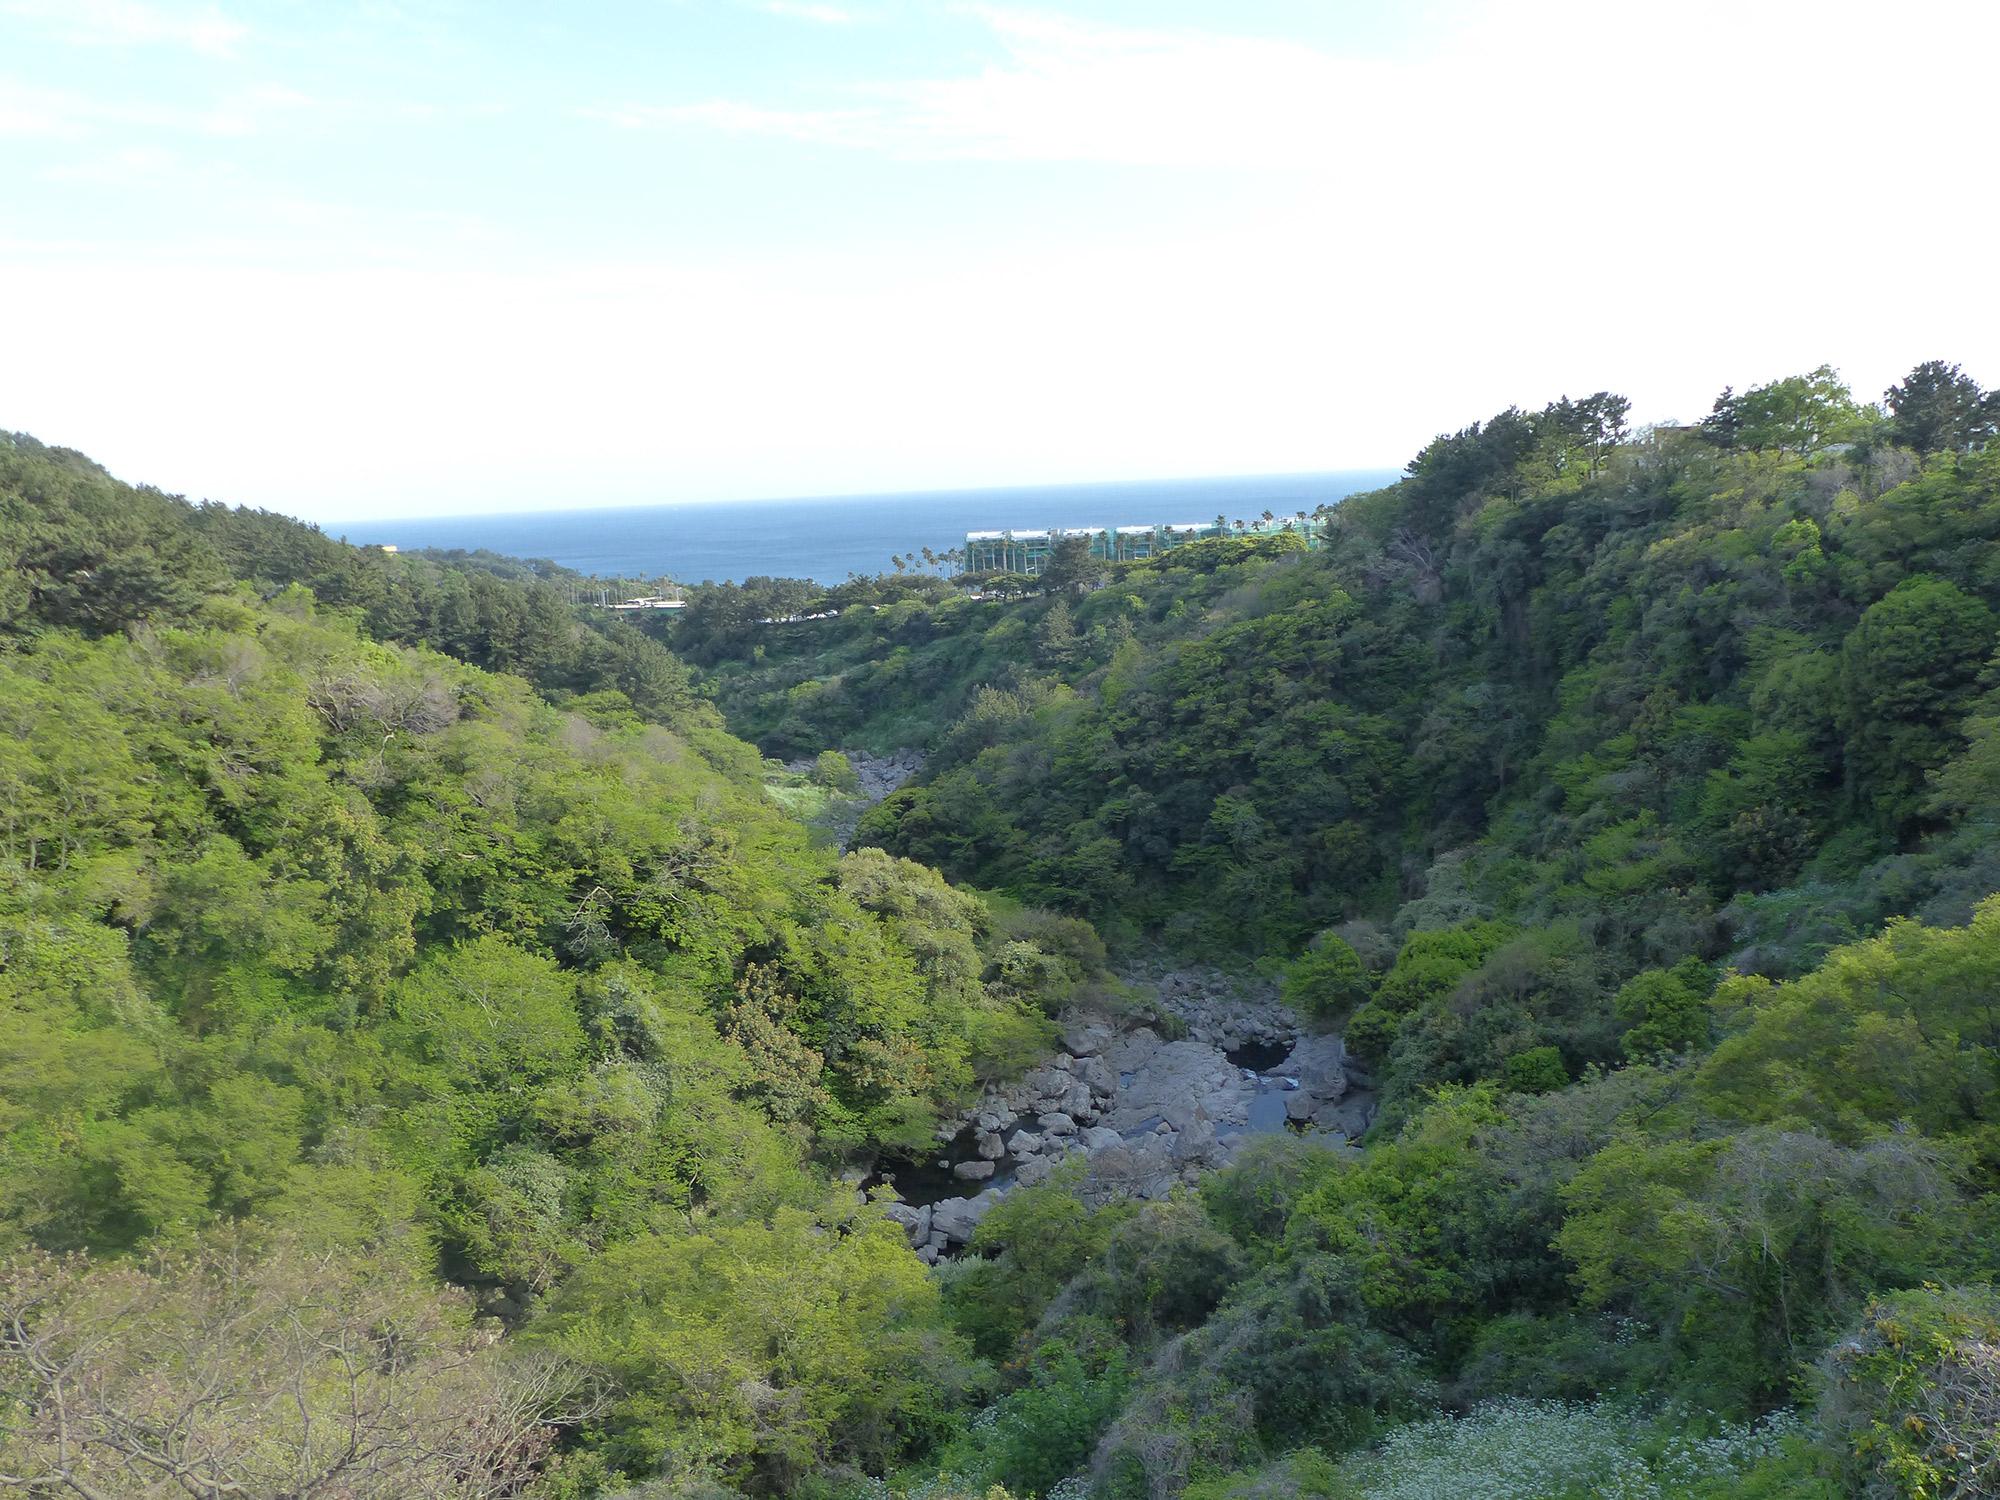 Cascades Seogwipo Jeju - Autour de Marine